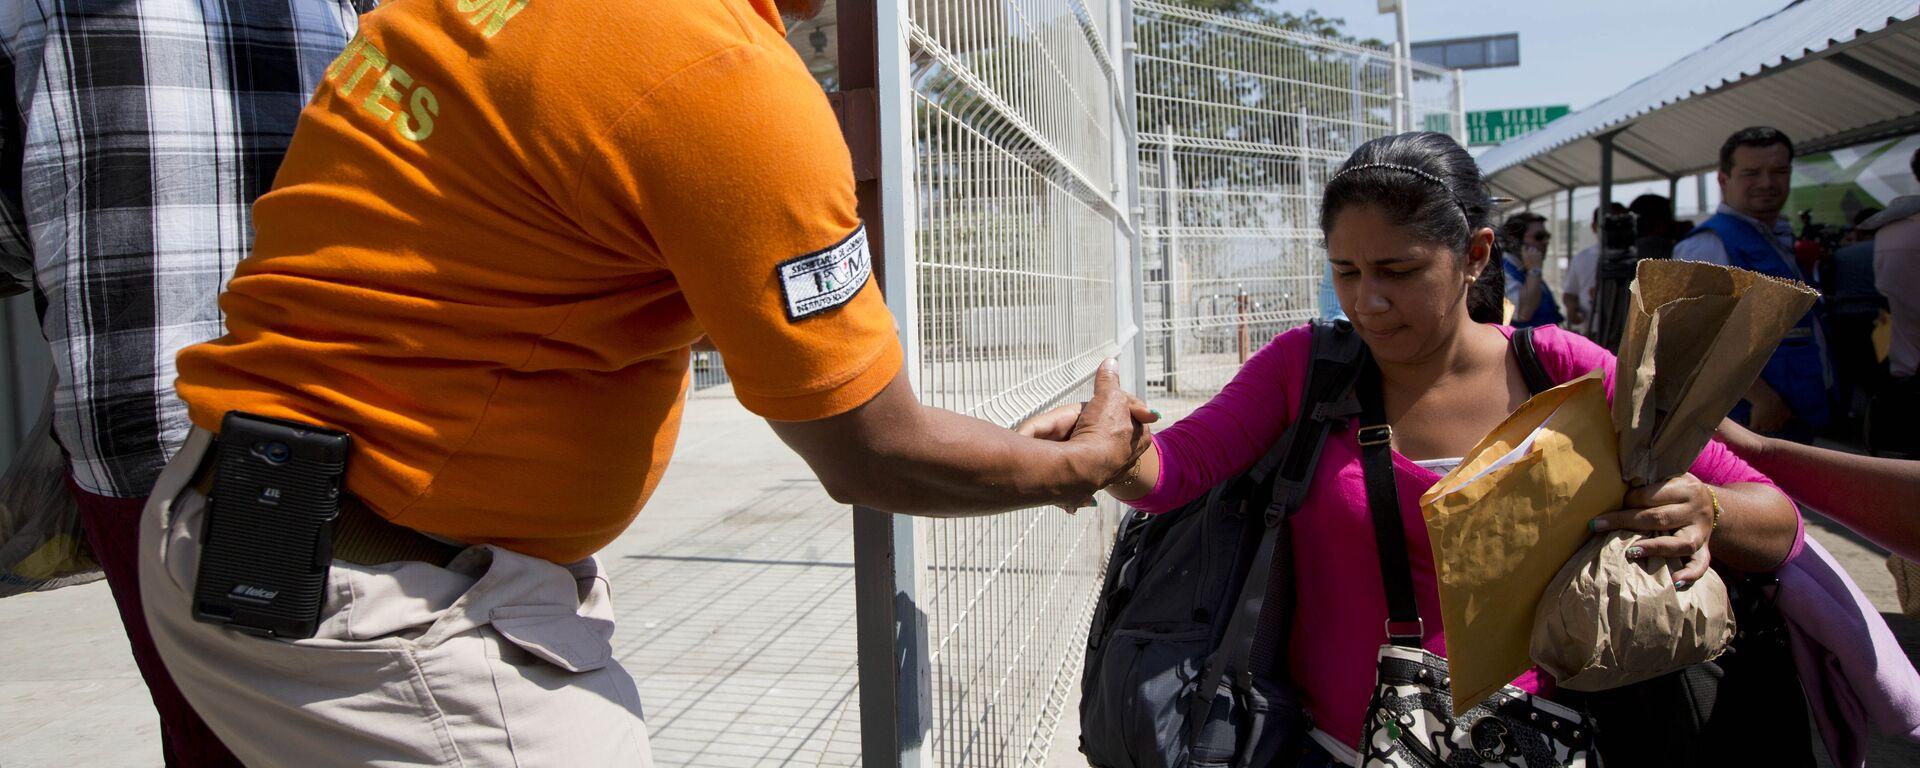 Un agent migratorio mexicano ofrece una mano a una migrante cubana cuando llega a Ciudad Hidalgo, México, en la frontera con Guatemala - Sputnik Mundo, 1920, 23.03.2021